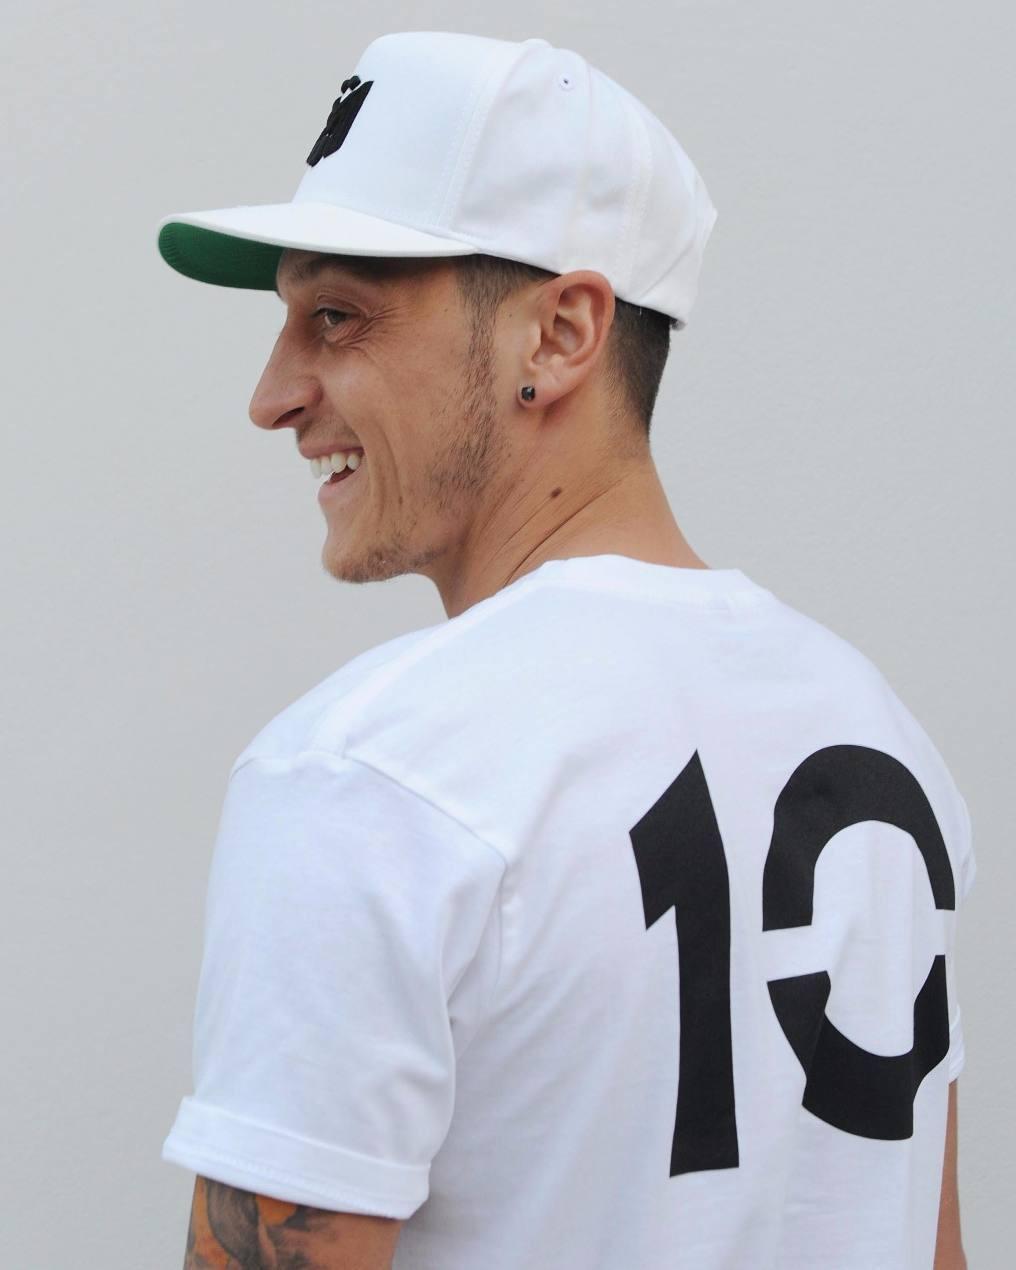 Dàn cầu thủ Đức đẹp trai siêu cấp tham gia World Cup: Động lực coi đá bóng của các fan girl đây rồi! - Ảnh 19.